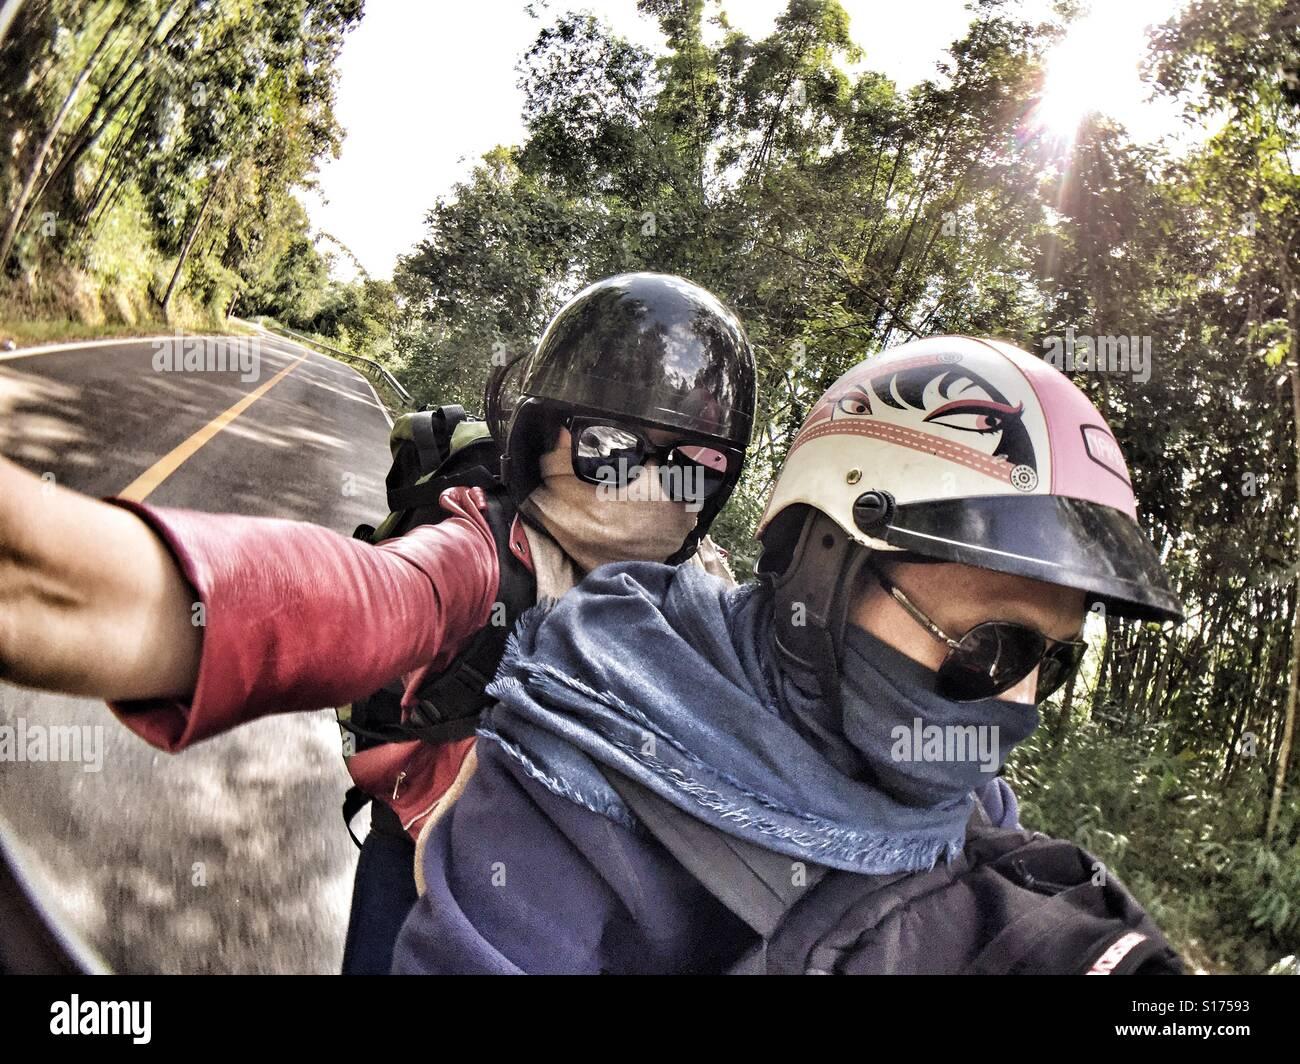 Viajante selfie no motociclo Imagens de Stock